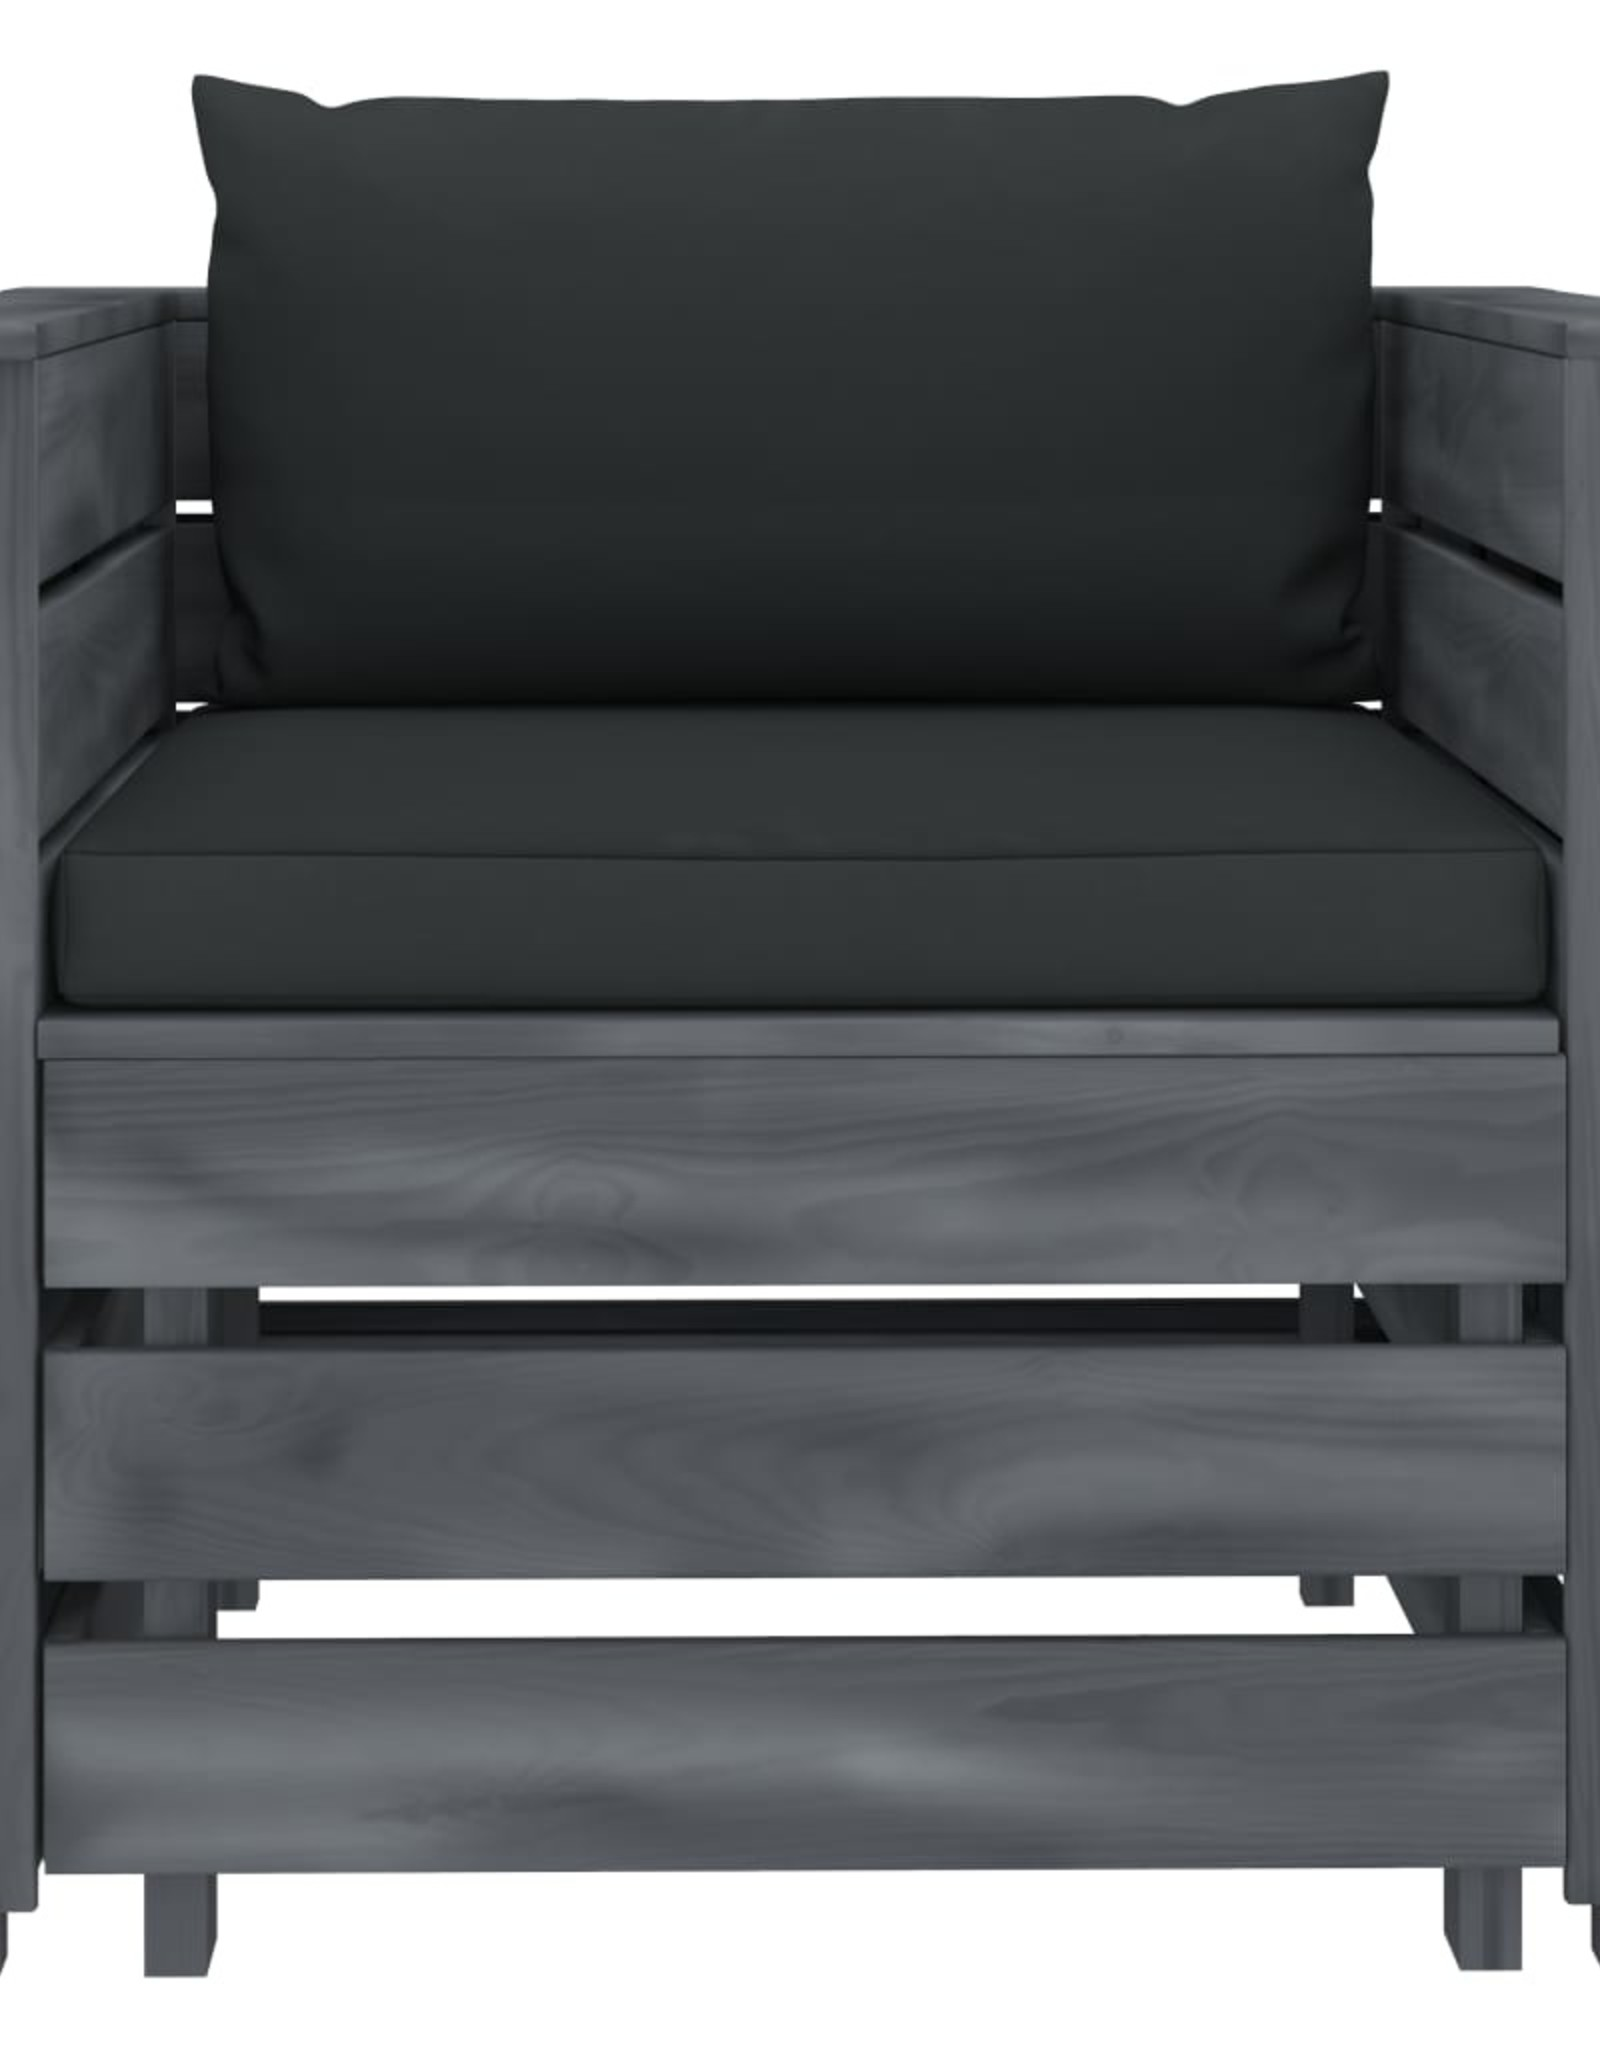 vidaXL 2-delige Loungeset met antracietkleurige kussens hout